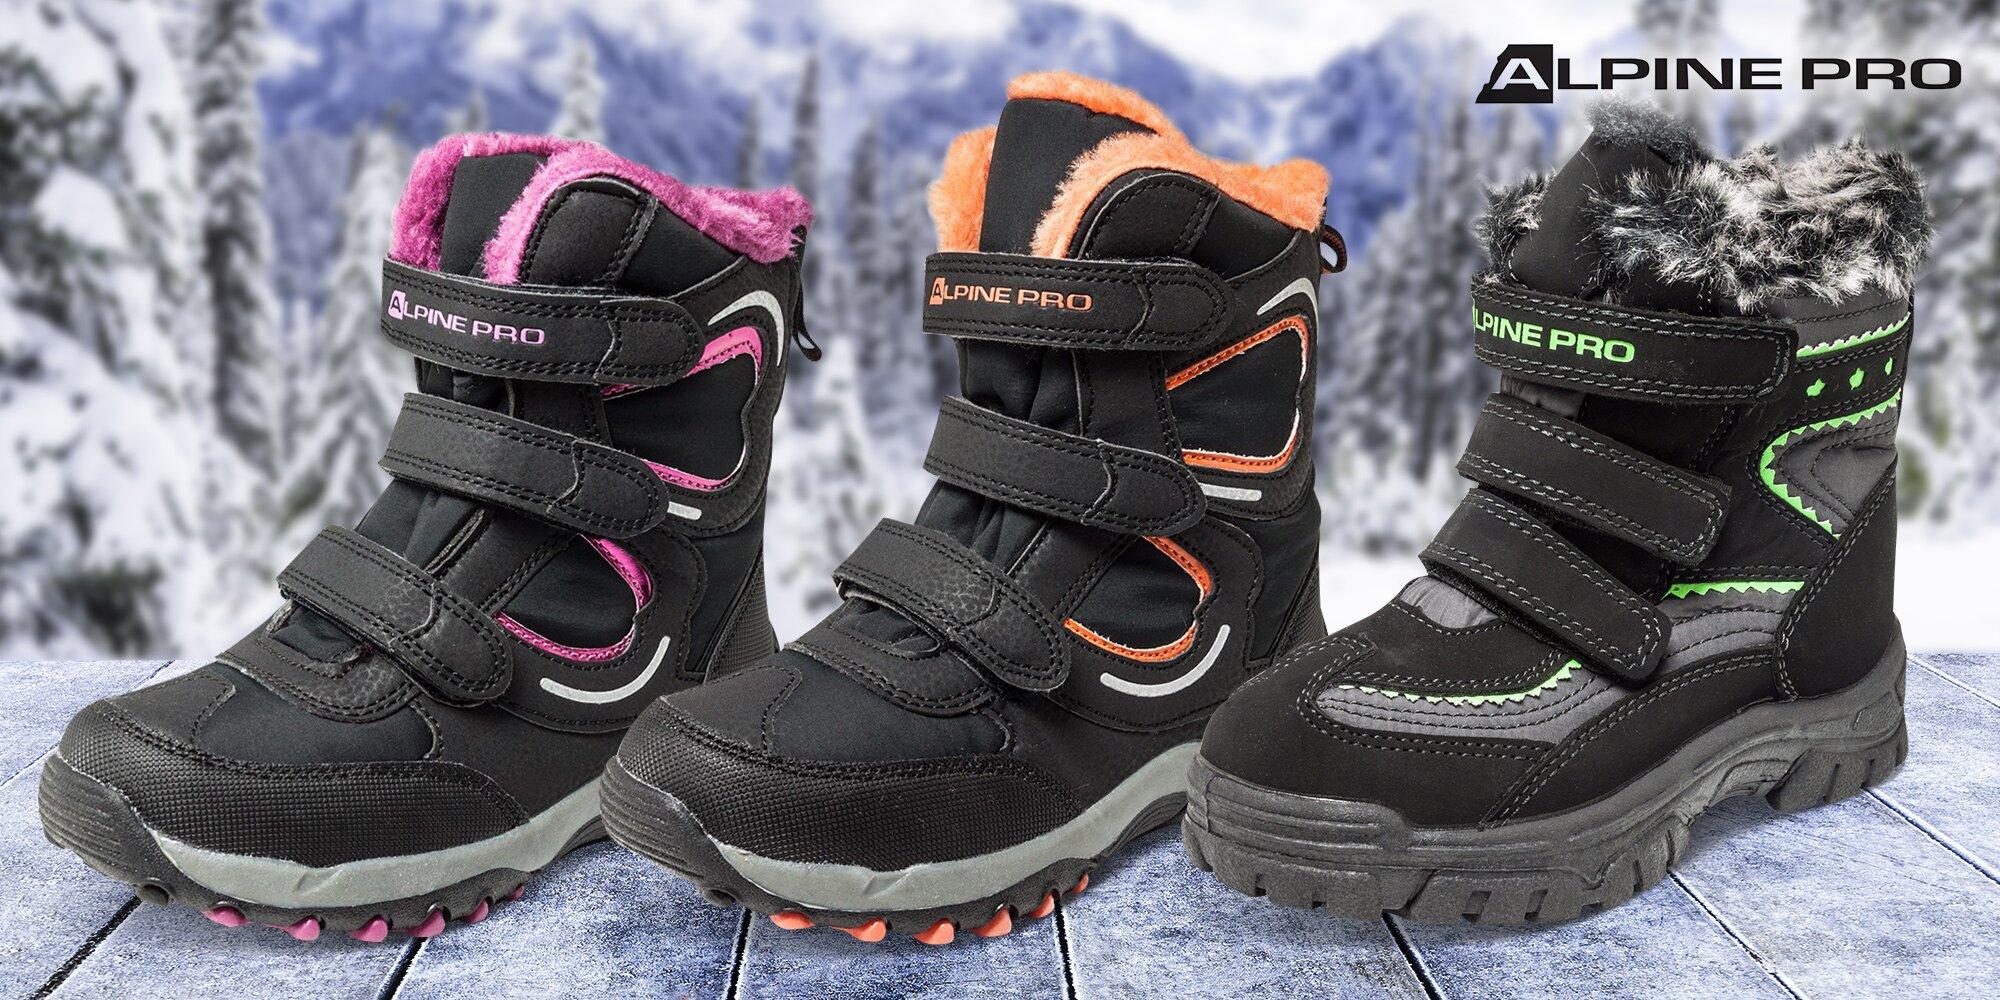 de0545a312 Zateplené nepremokavé detské topánky Alpine Pro